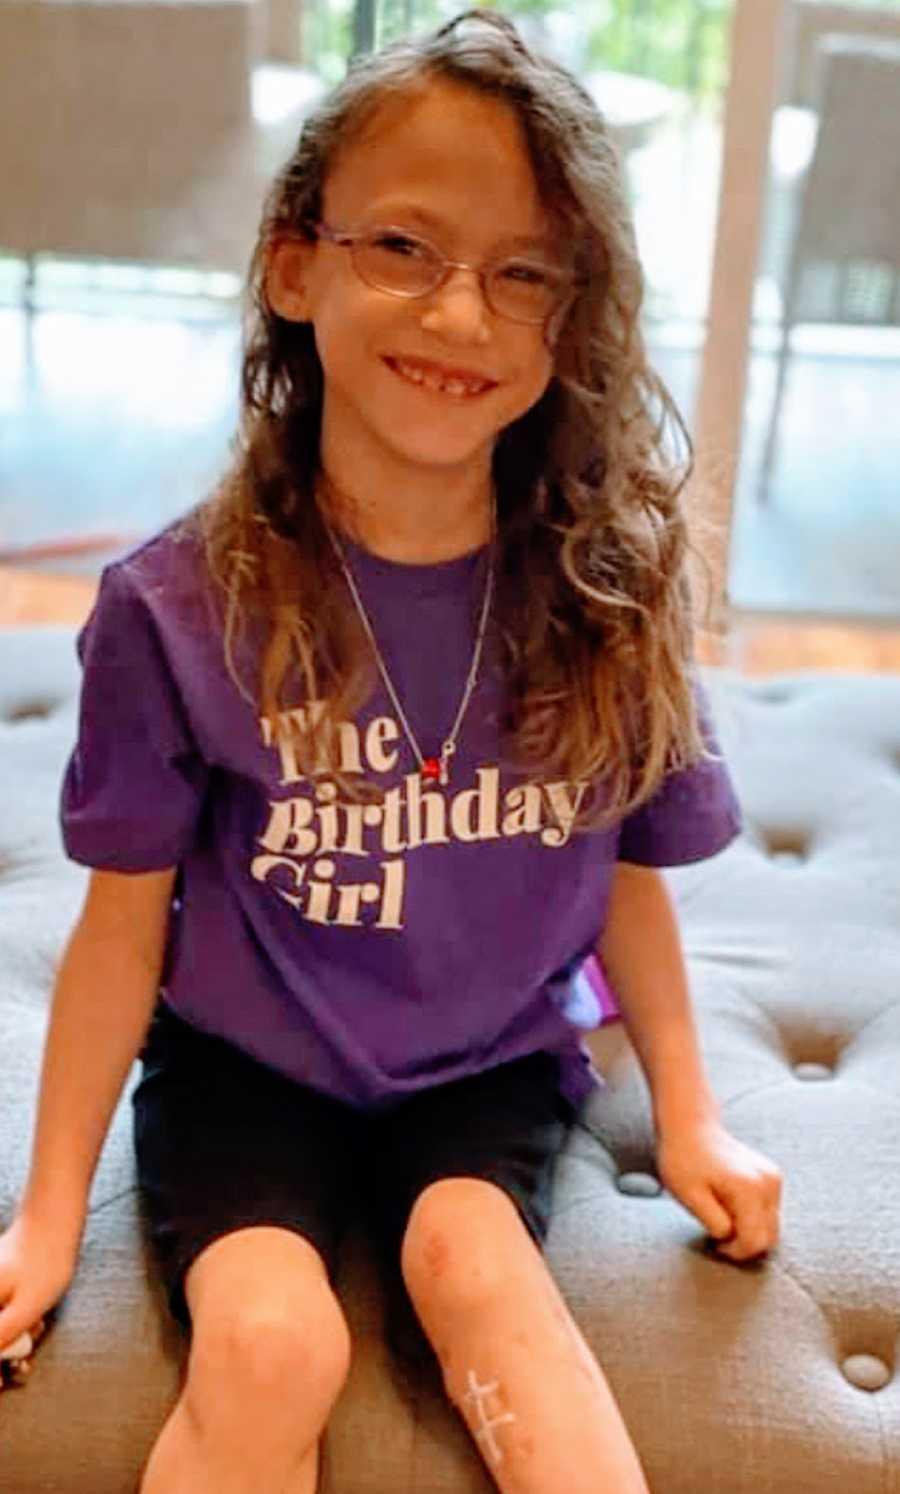 A young girl wearing a purple shirt